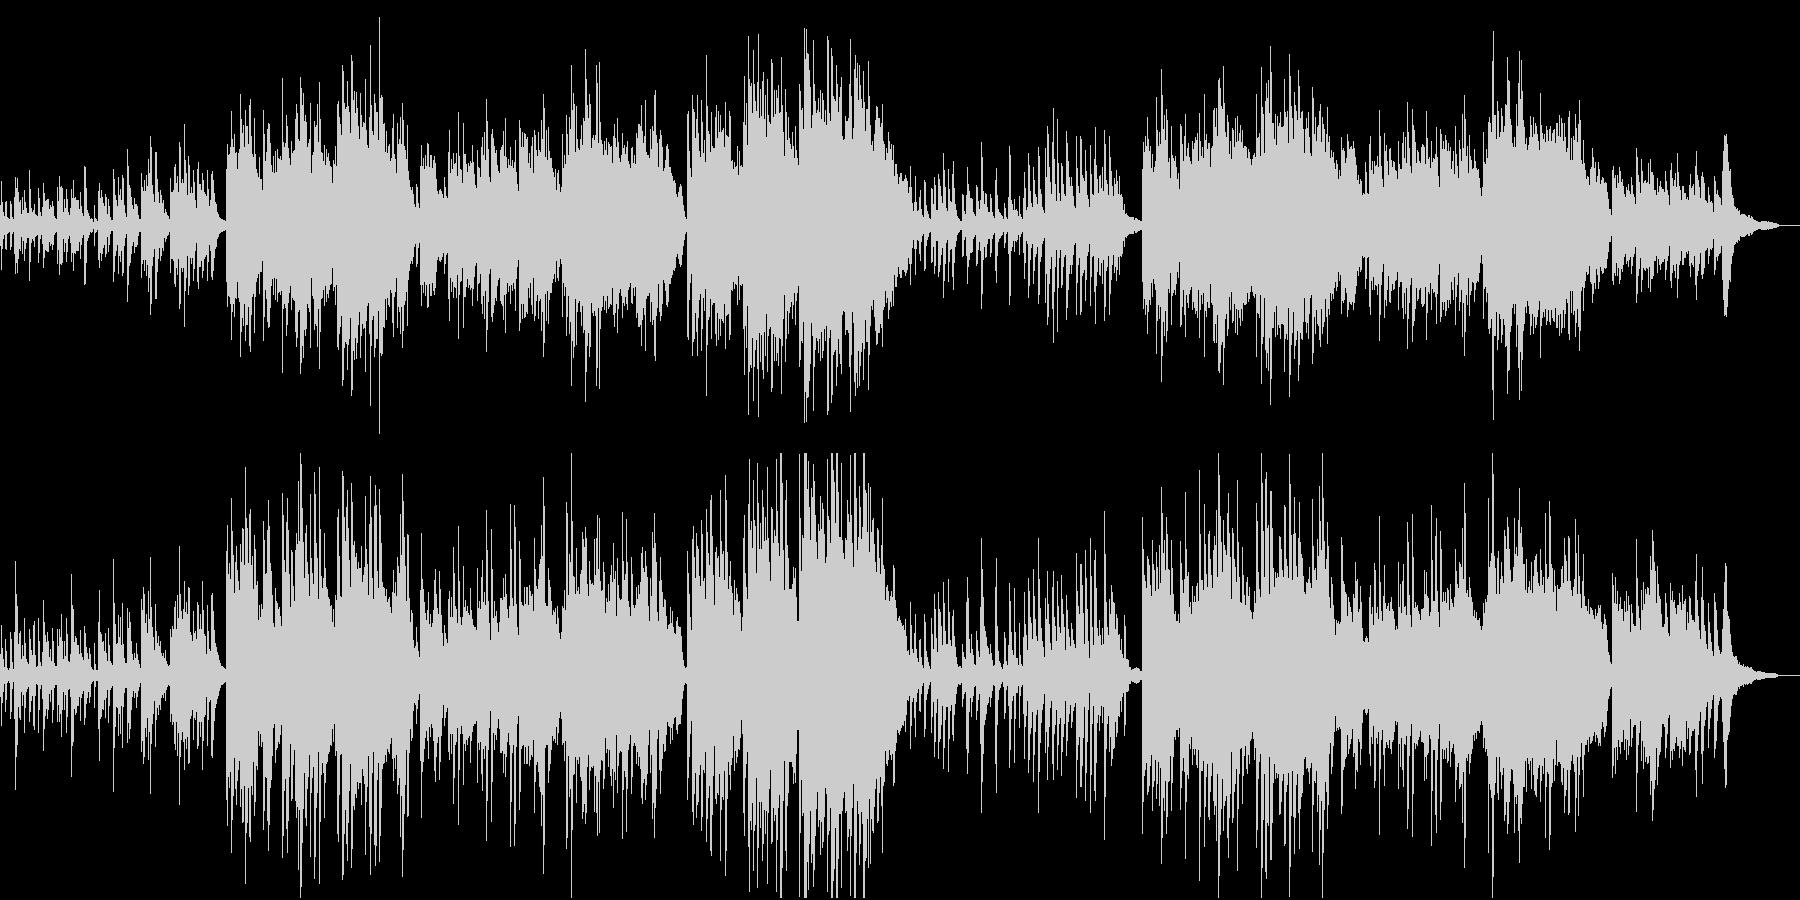 うつくしく奏でるピアノBGM/映像BGMの未再生の波形